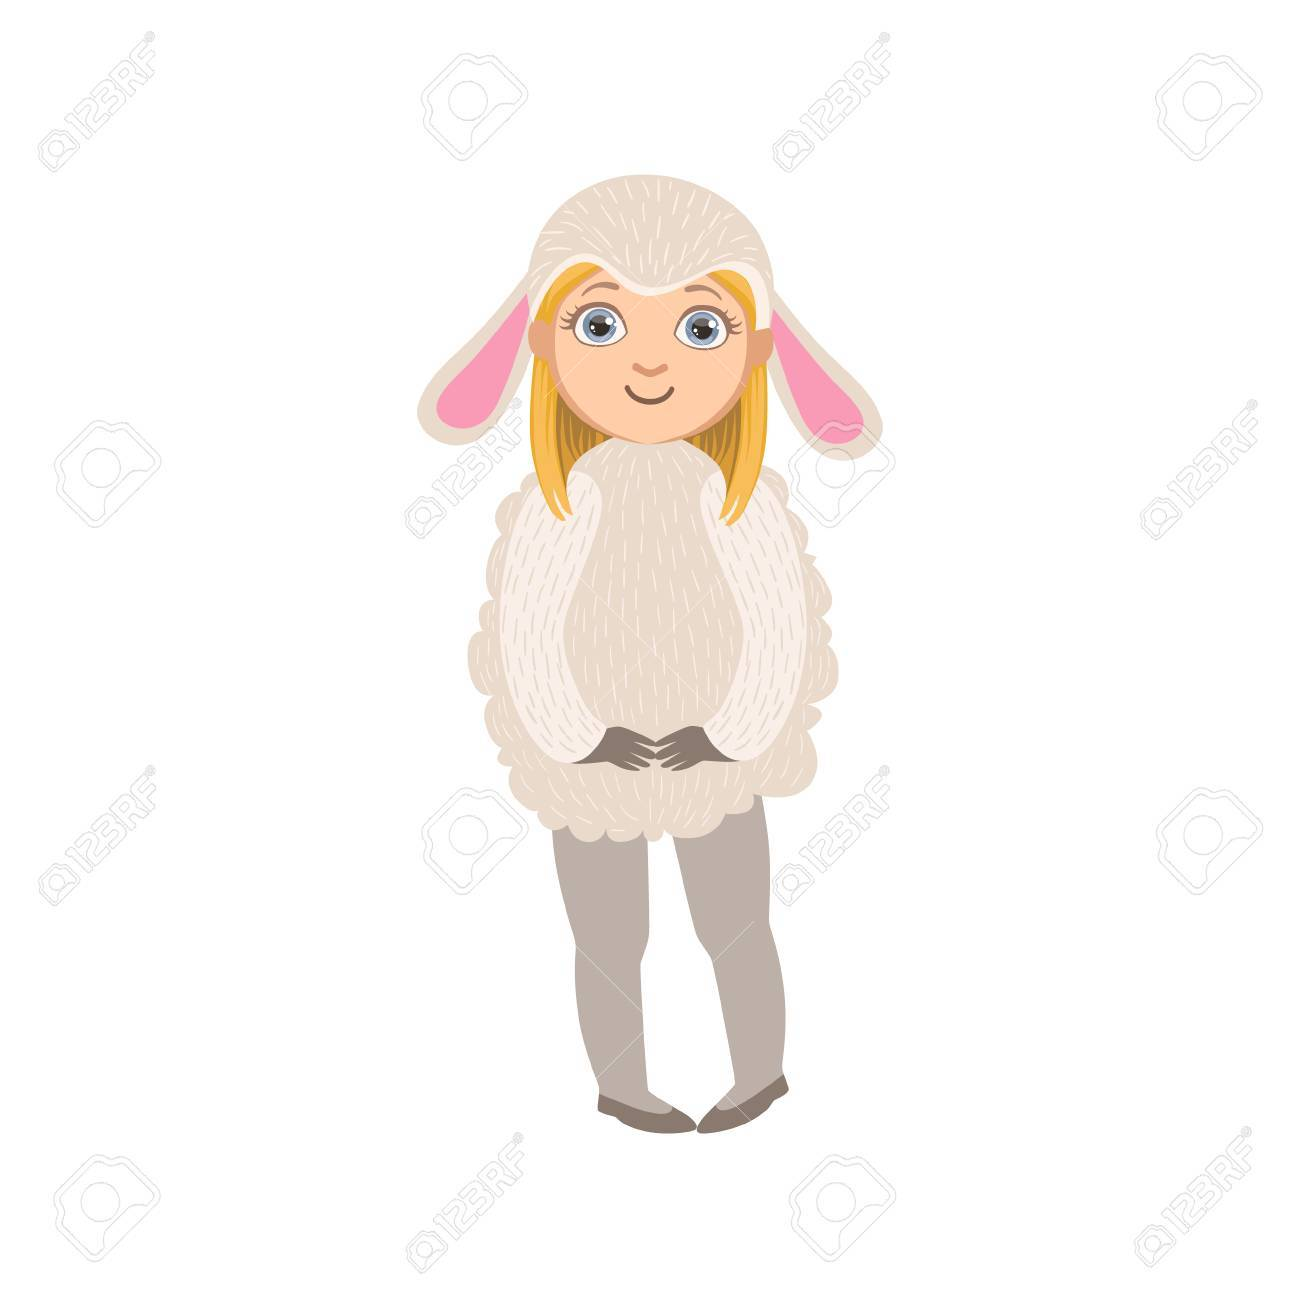 かわいい楽しい漫画のスタイルの白い背景で隔離の羊動物衣装シンプルなデザイン イラストを着た女の子のイラスト素材 ベクタ Image